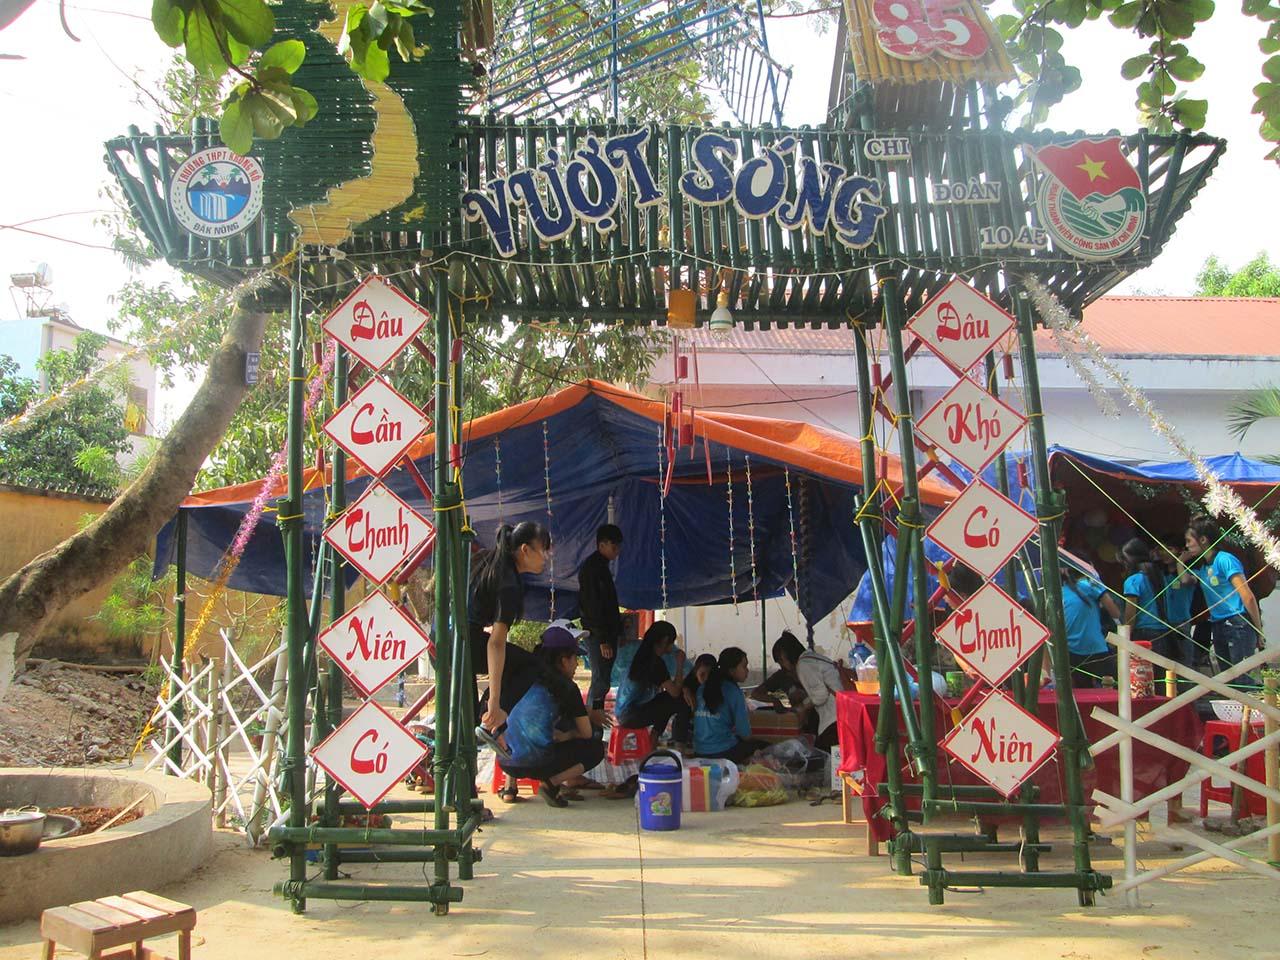 Trang trí lều trại với những hình cổng trại đẹp 17